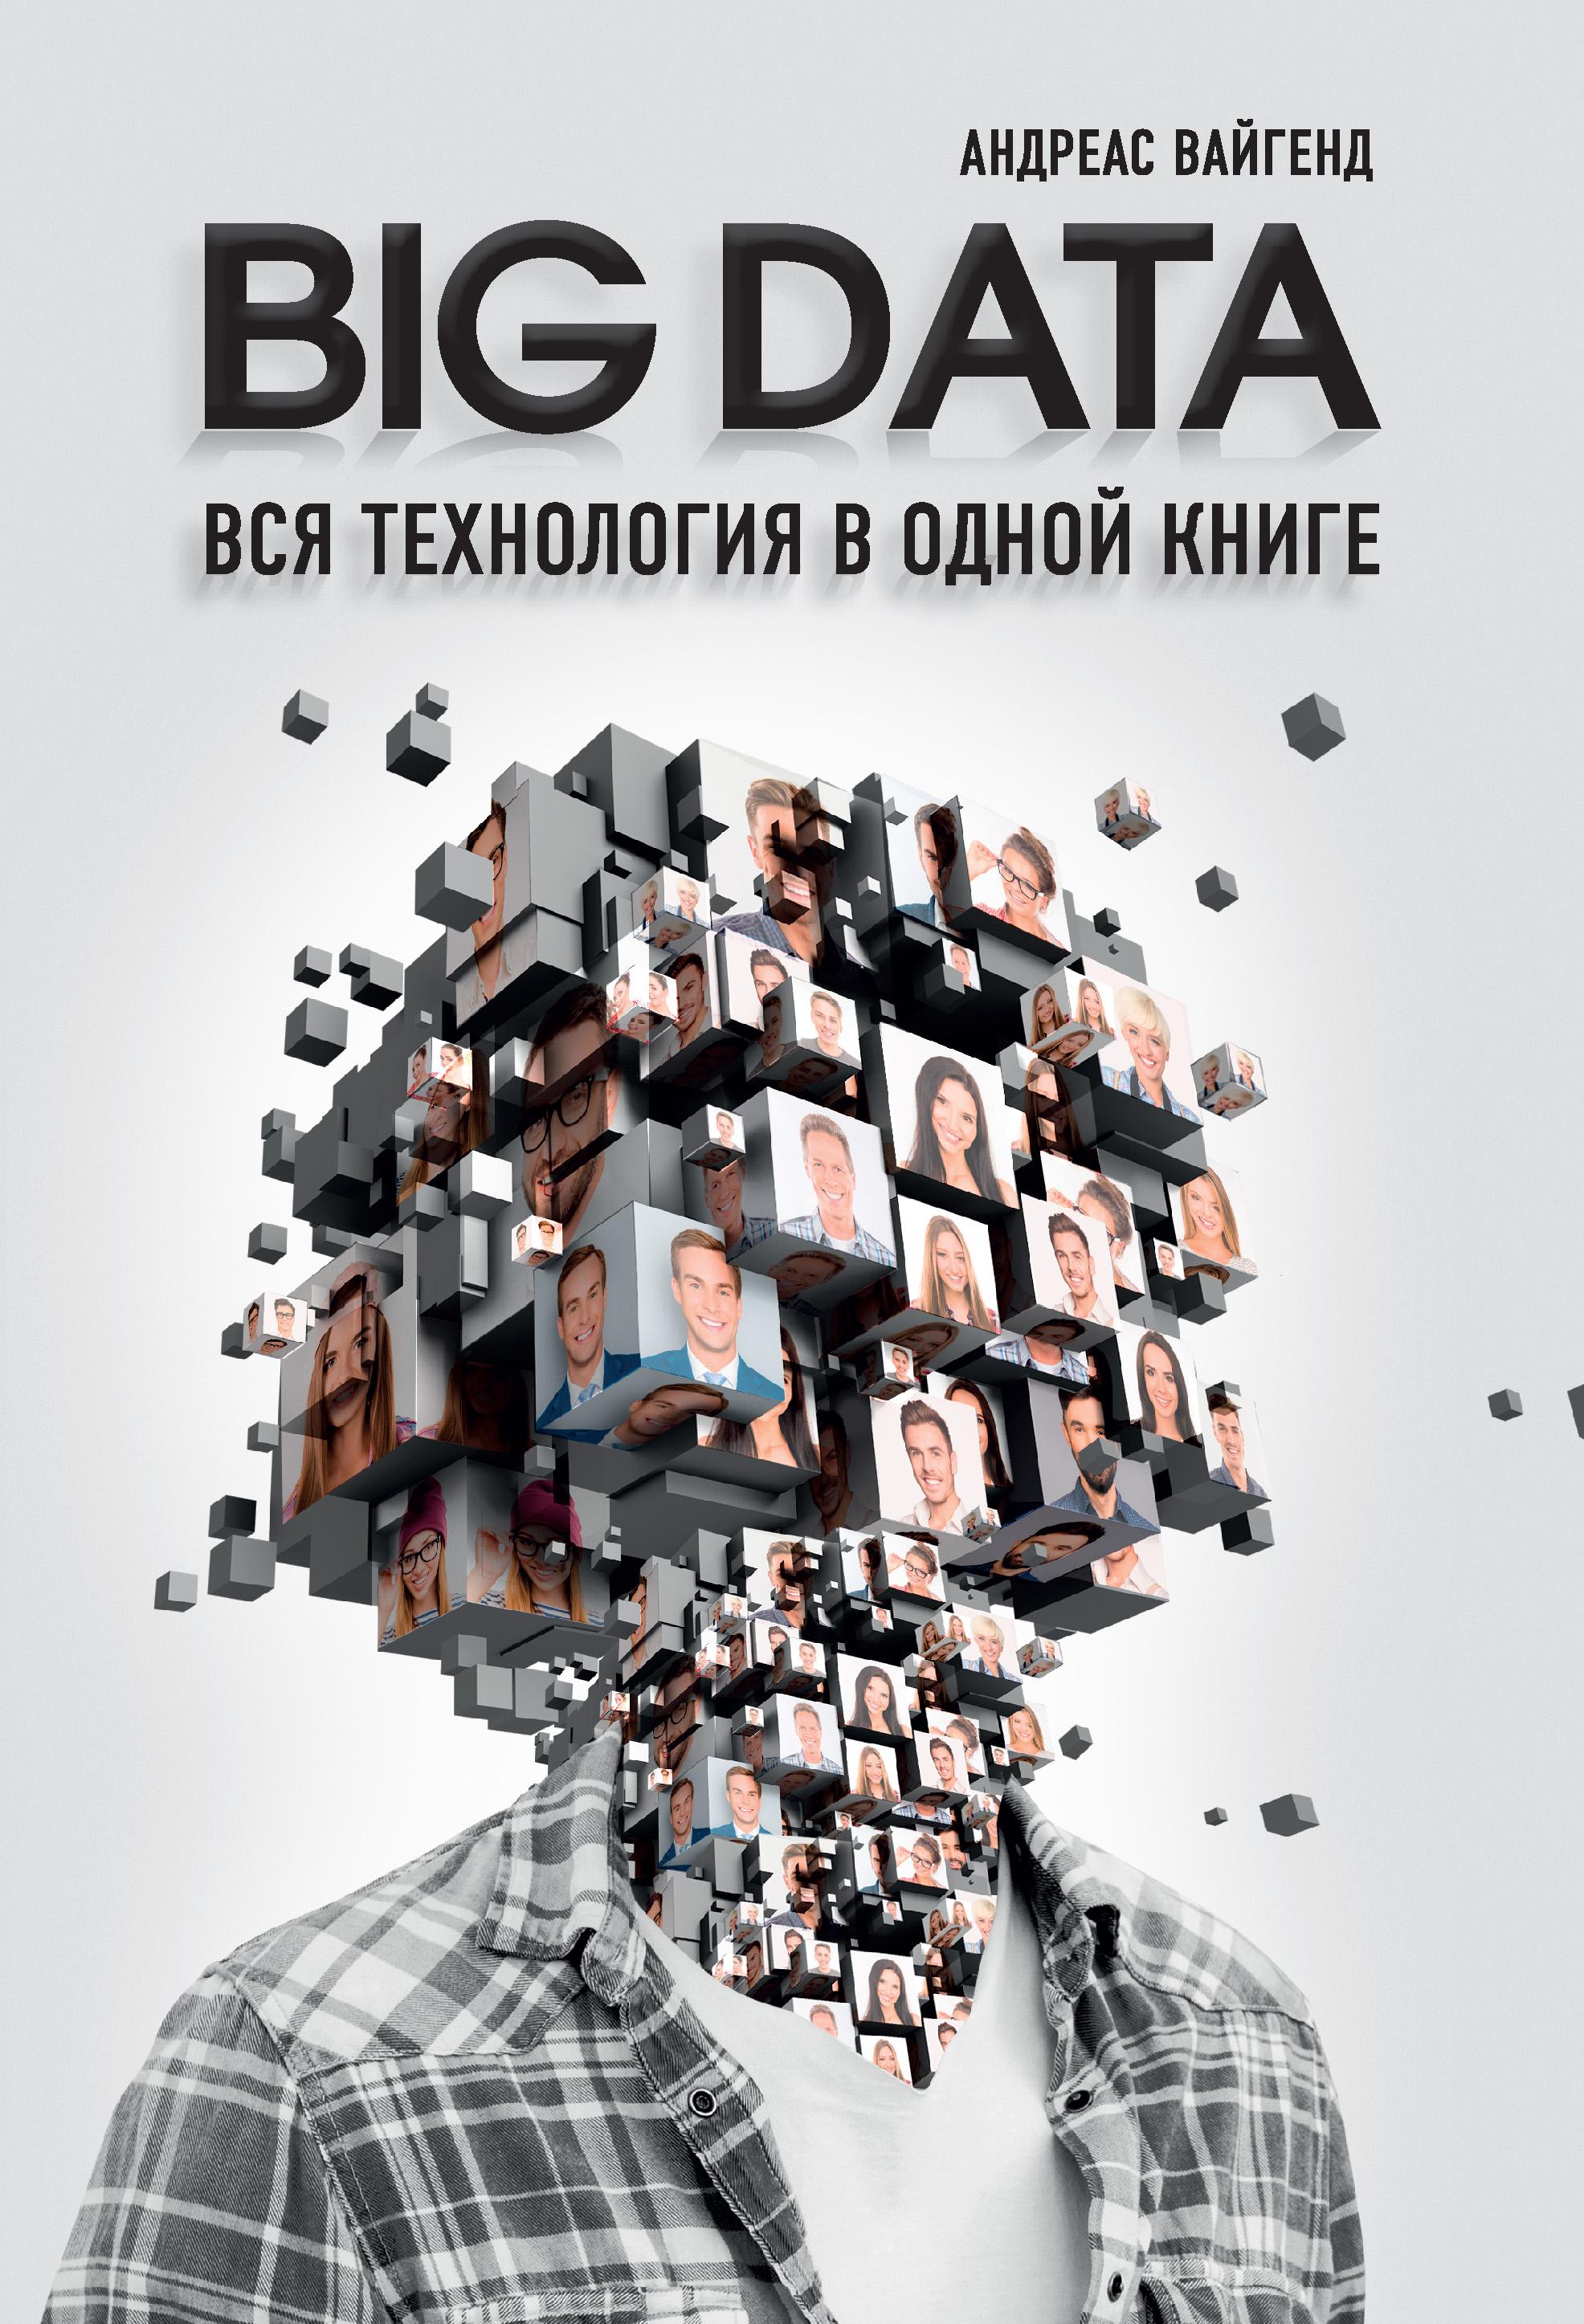 Андреас Вайгенд BIG DATA. Вся технология в одной книге андреас вайгенд big data вся технология в одной книге